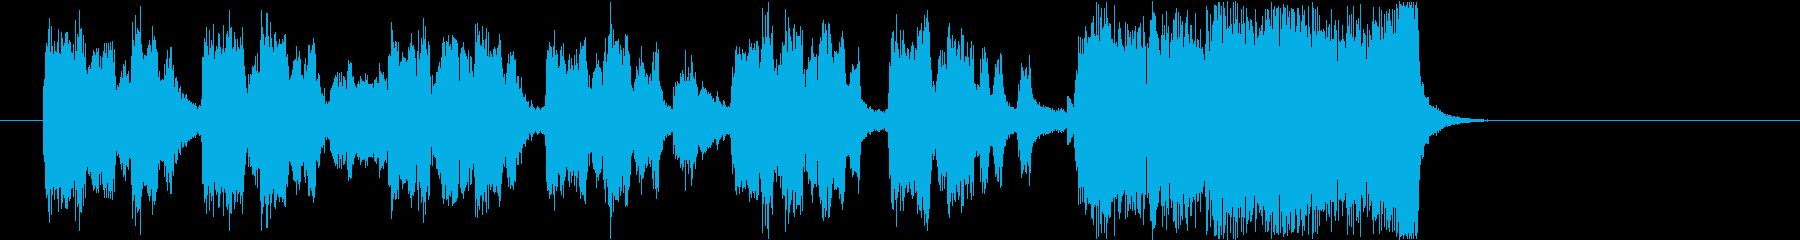 ビッグバンドのジングル3key=Bbの再生済みの波形